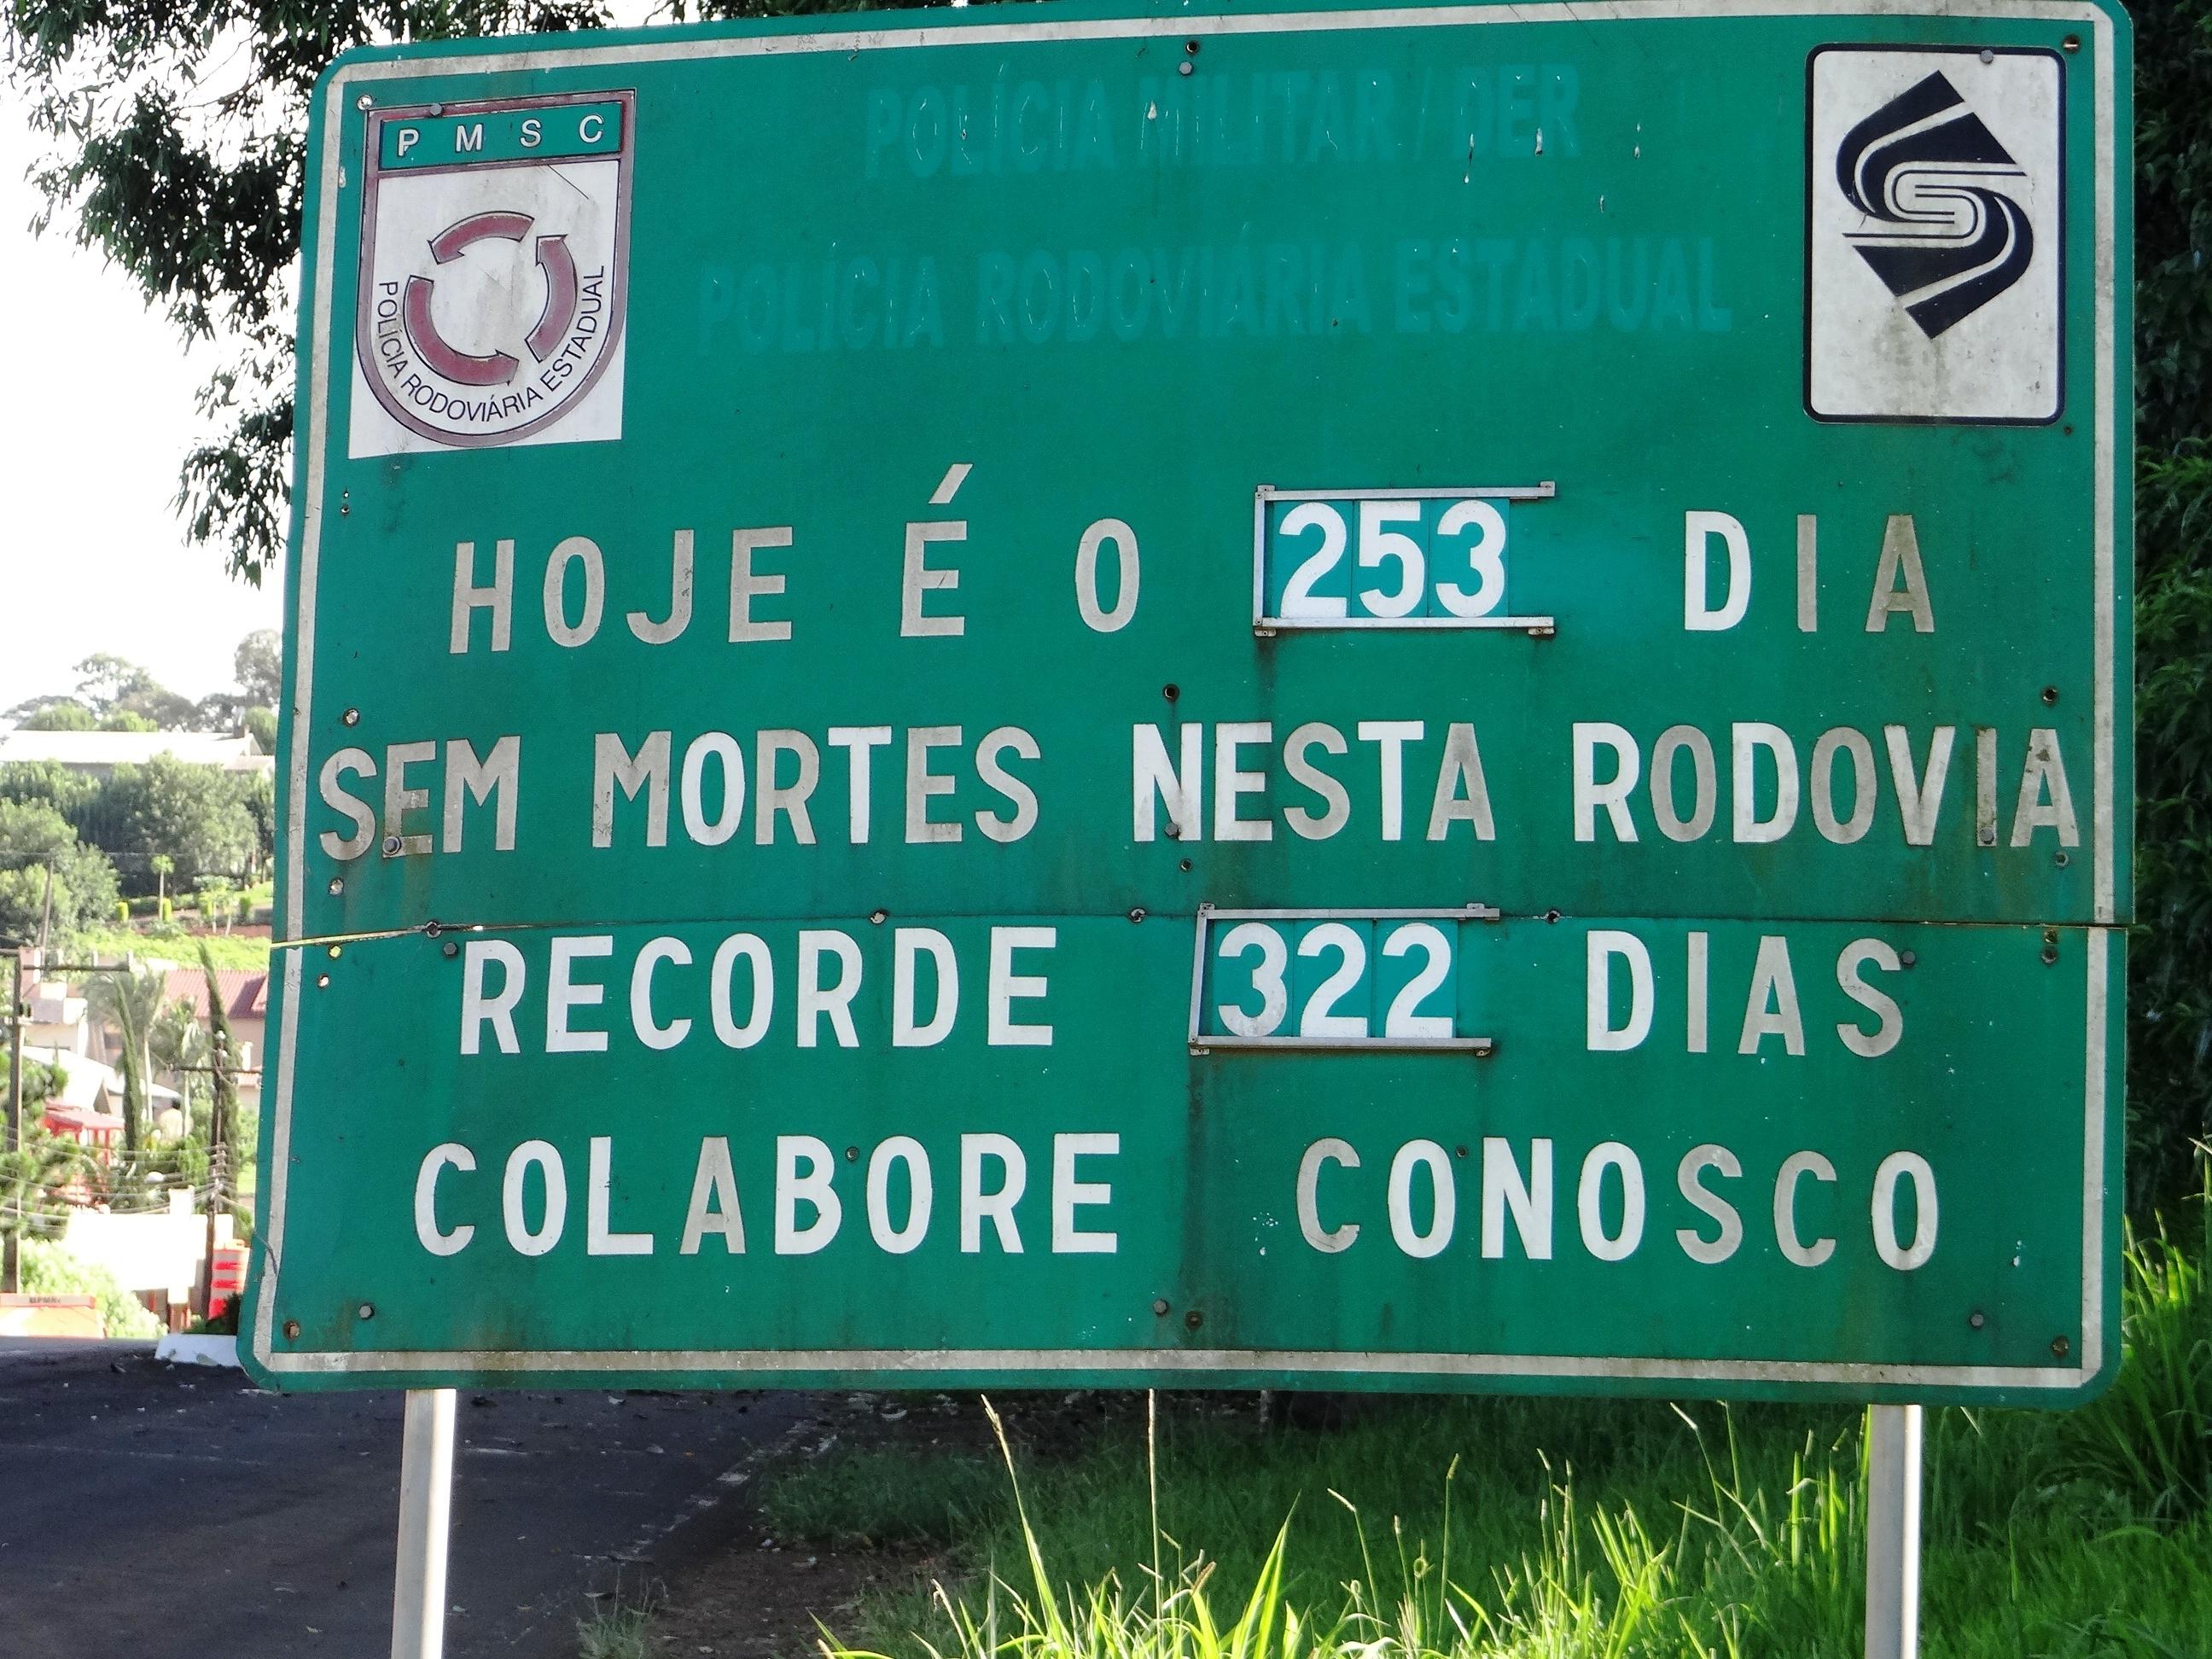 Trecho da SC 163 está há mais de 250 dias sem registrar acidentes com vítimas fatais